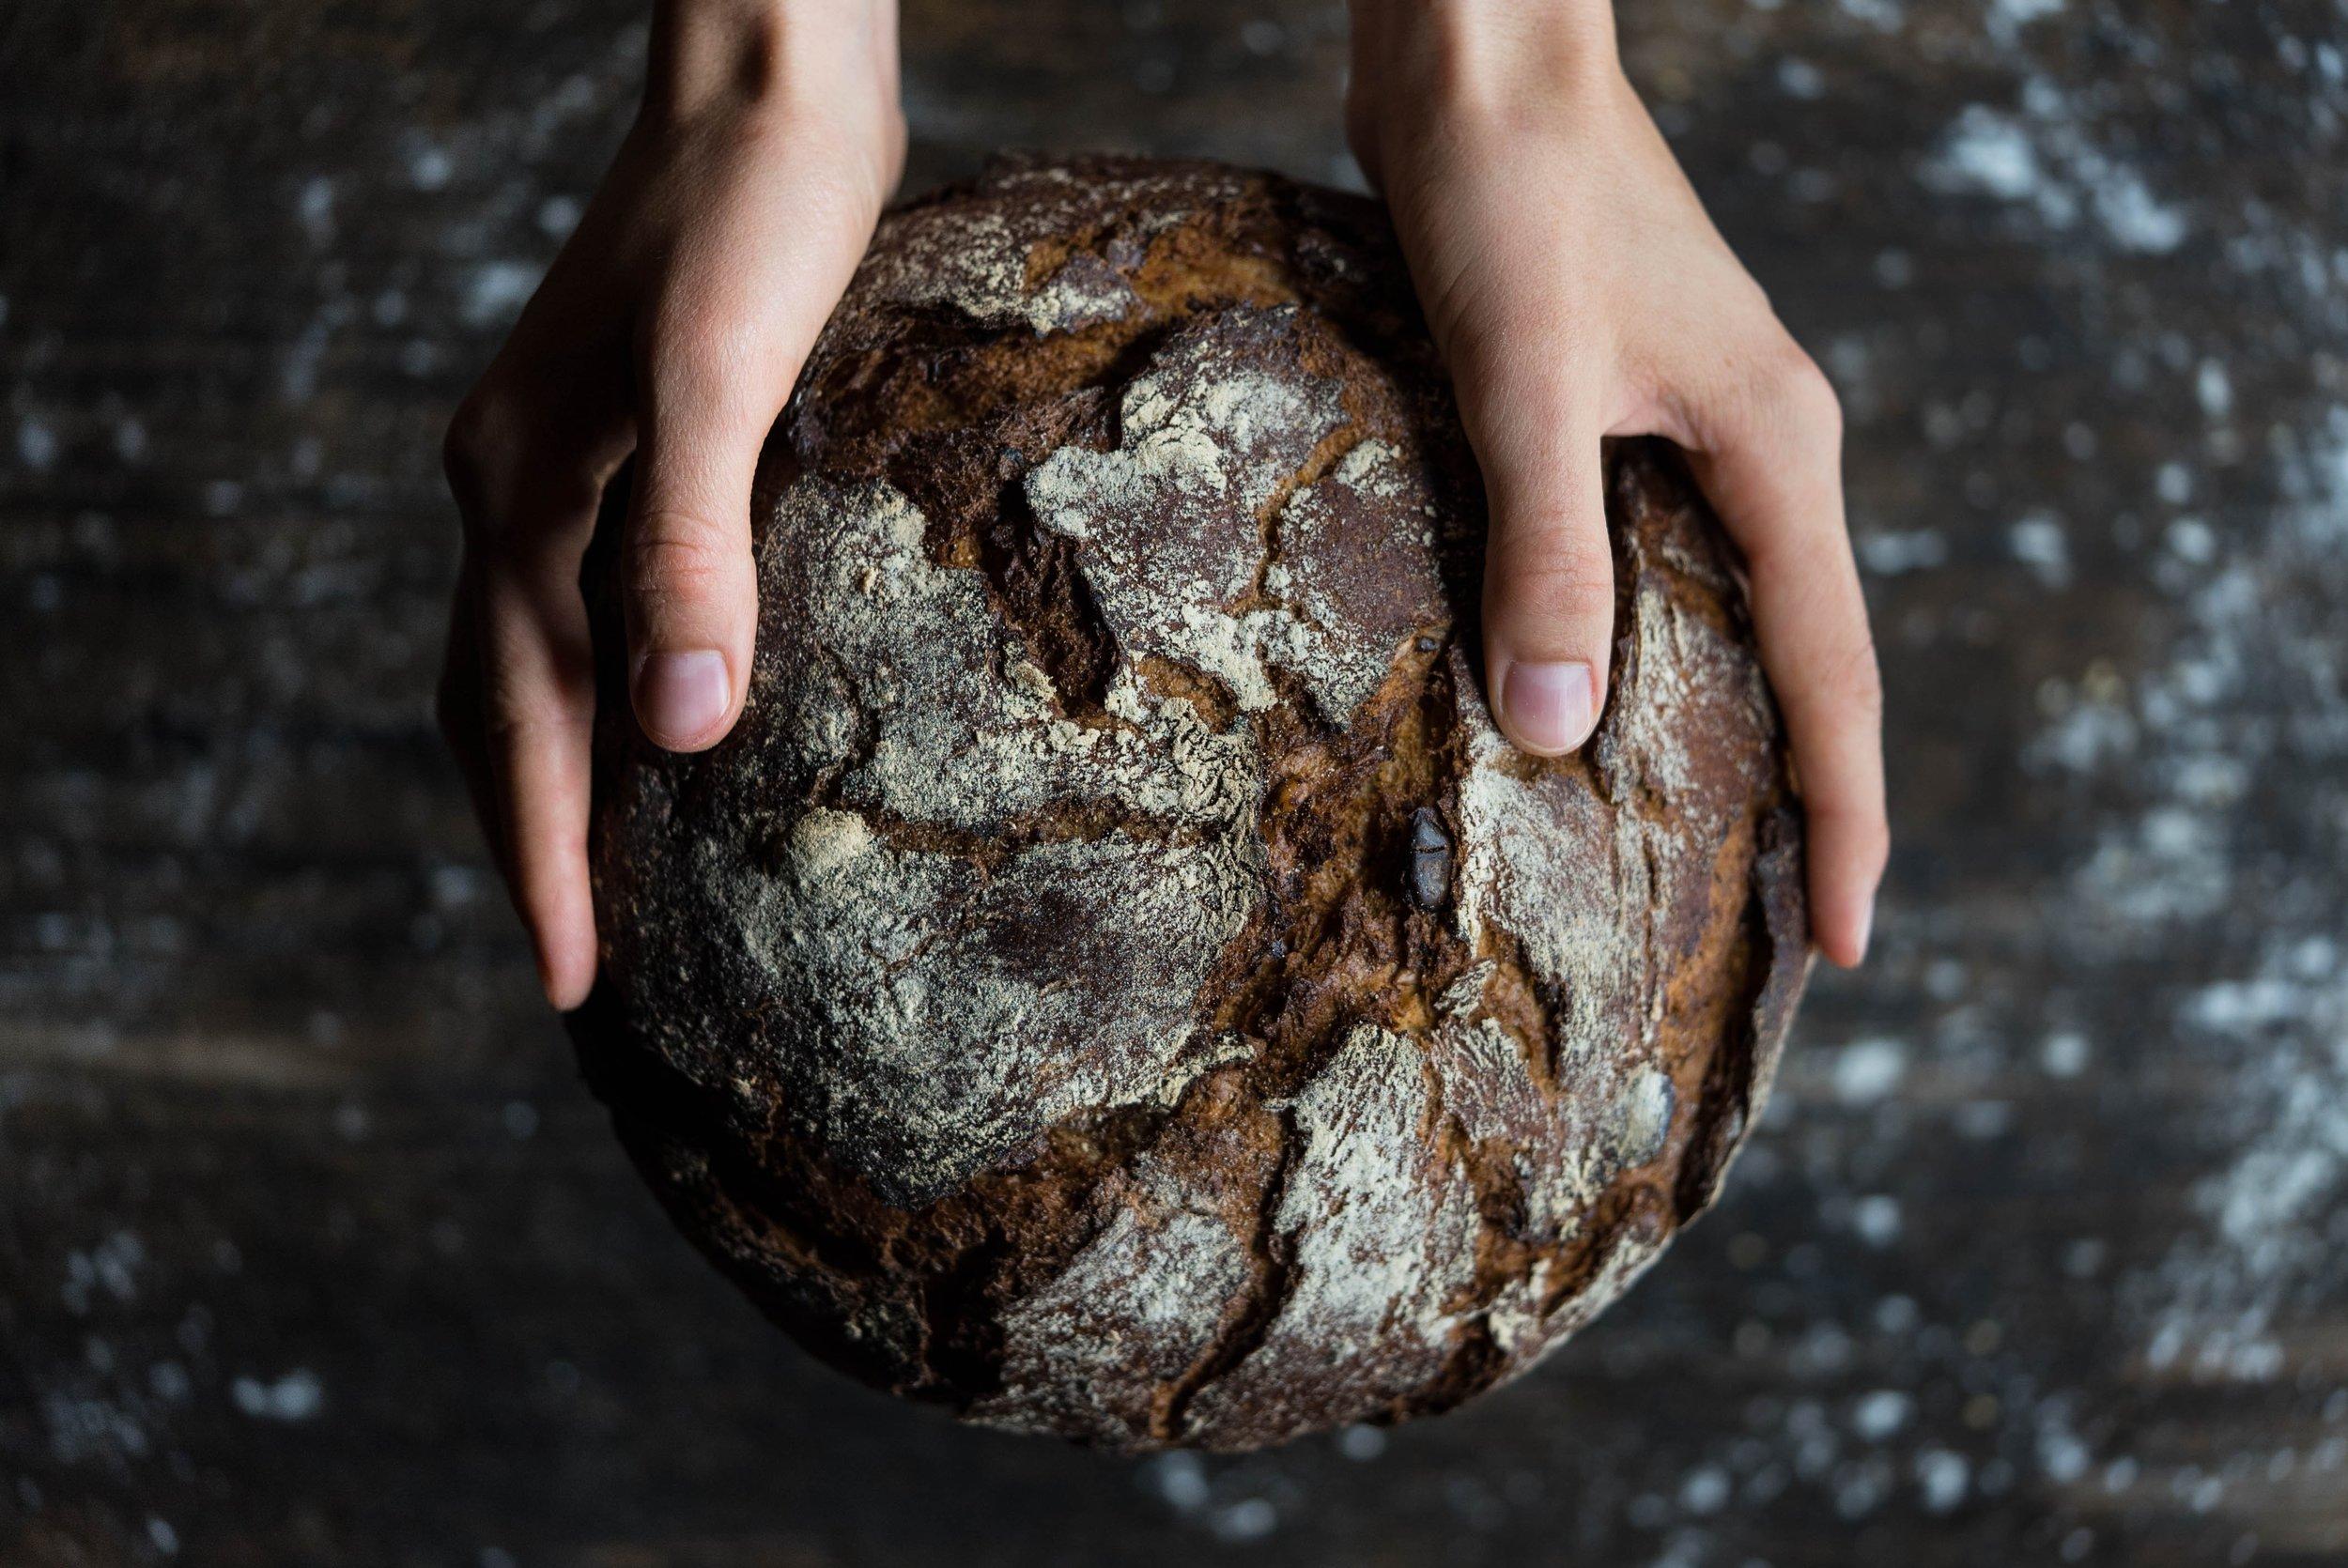 baked-baker-ball-shaped-745988.jpg